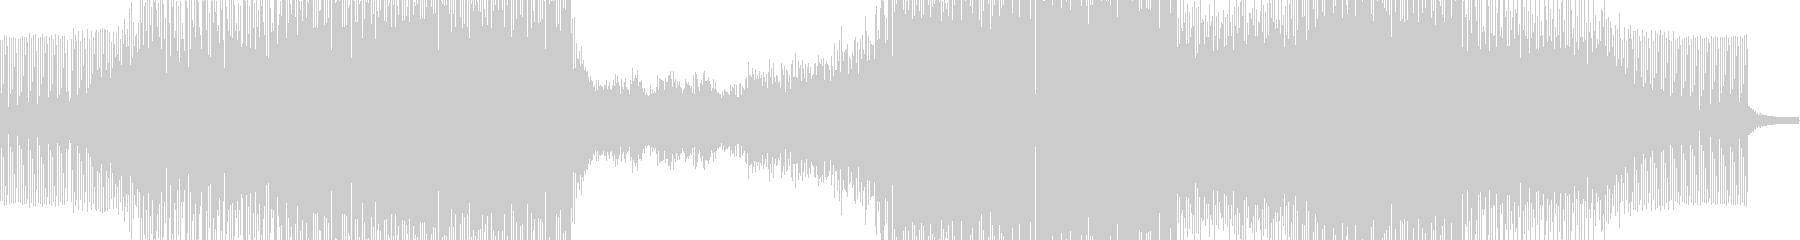 プログレッシブトランスの未再生の波形